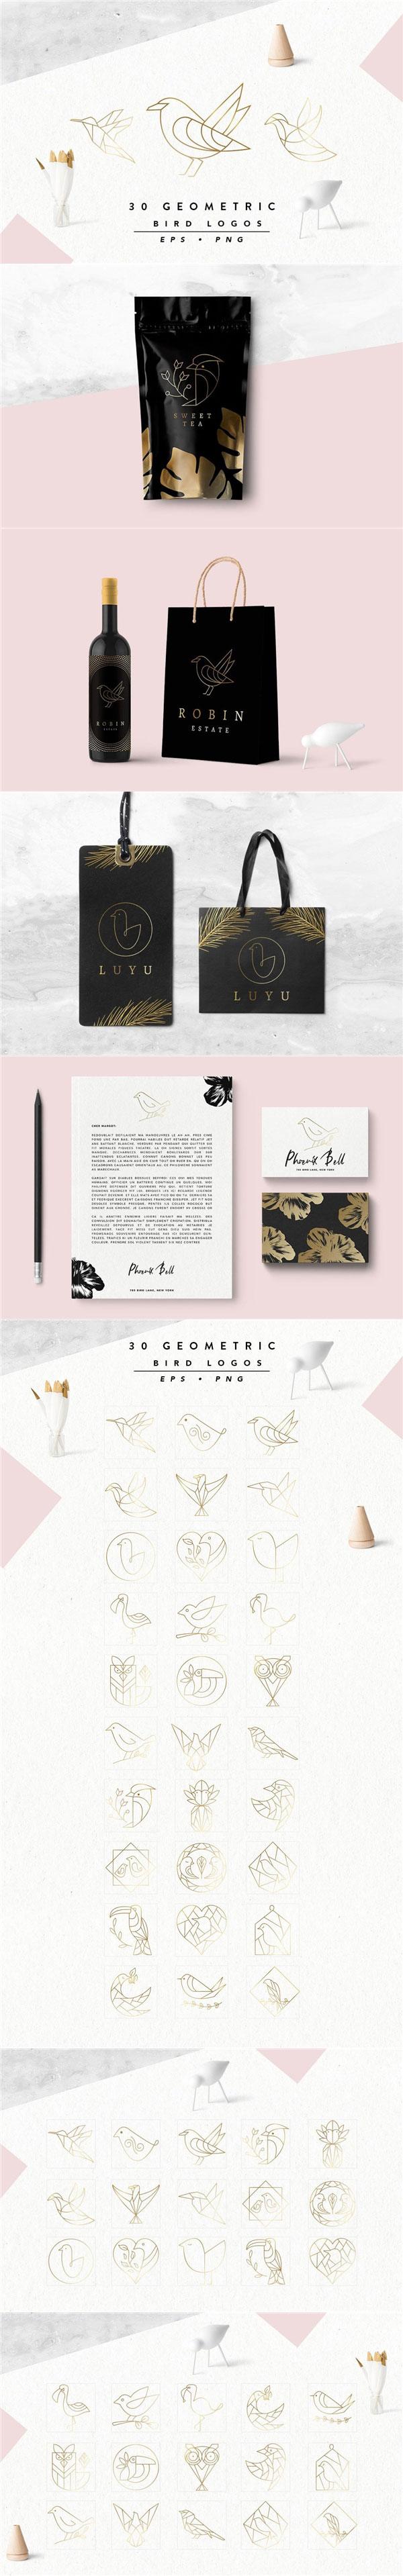 鸟类抽象标志